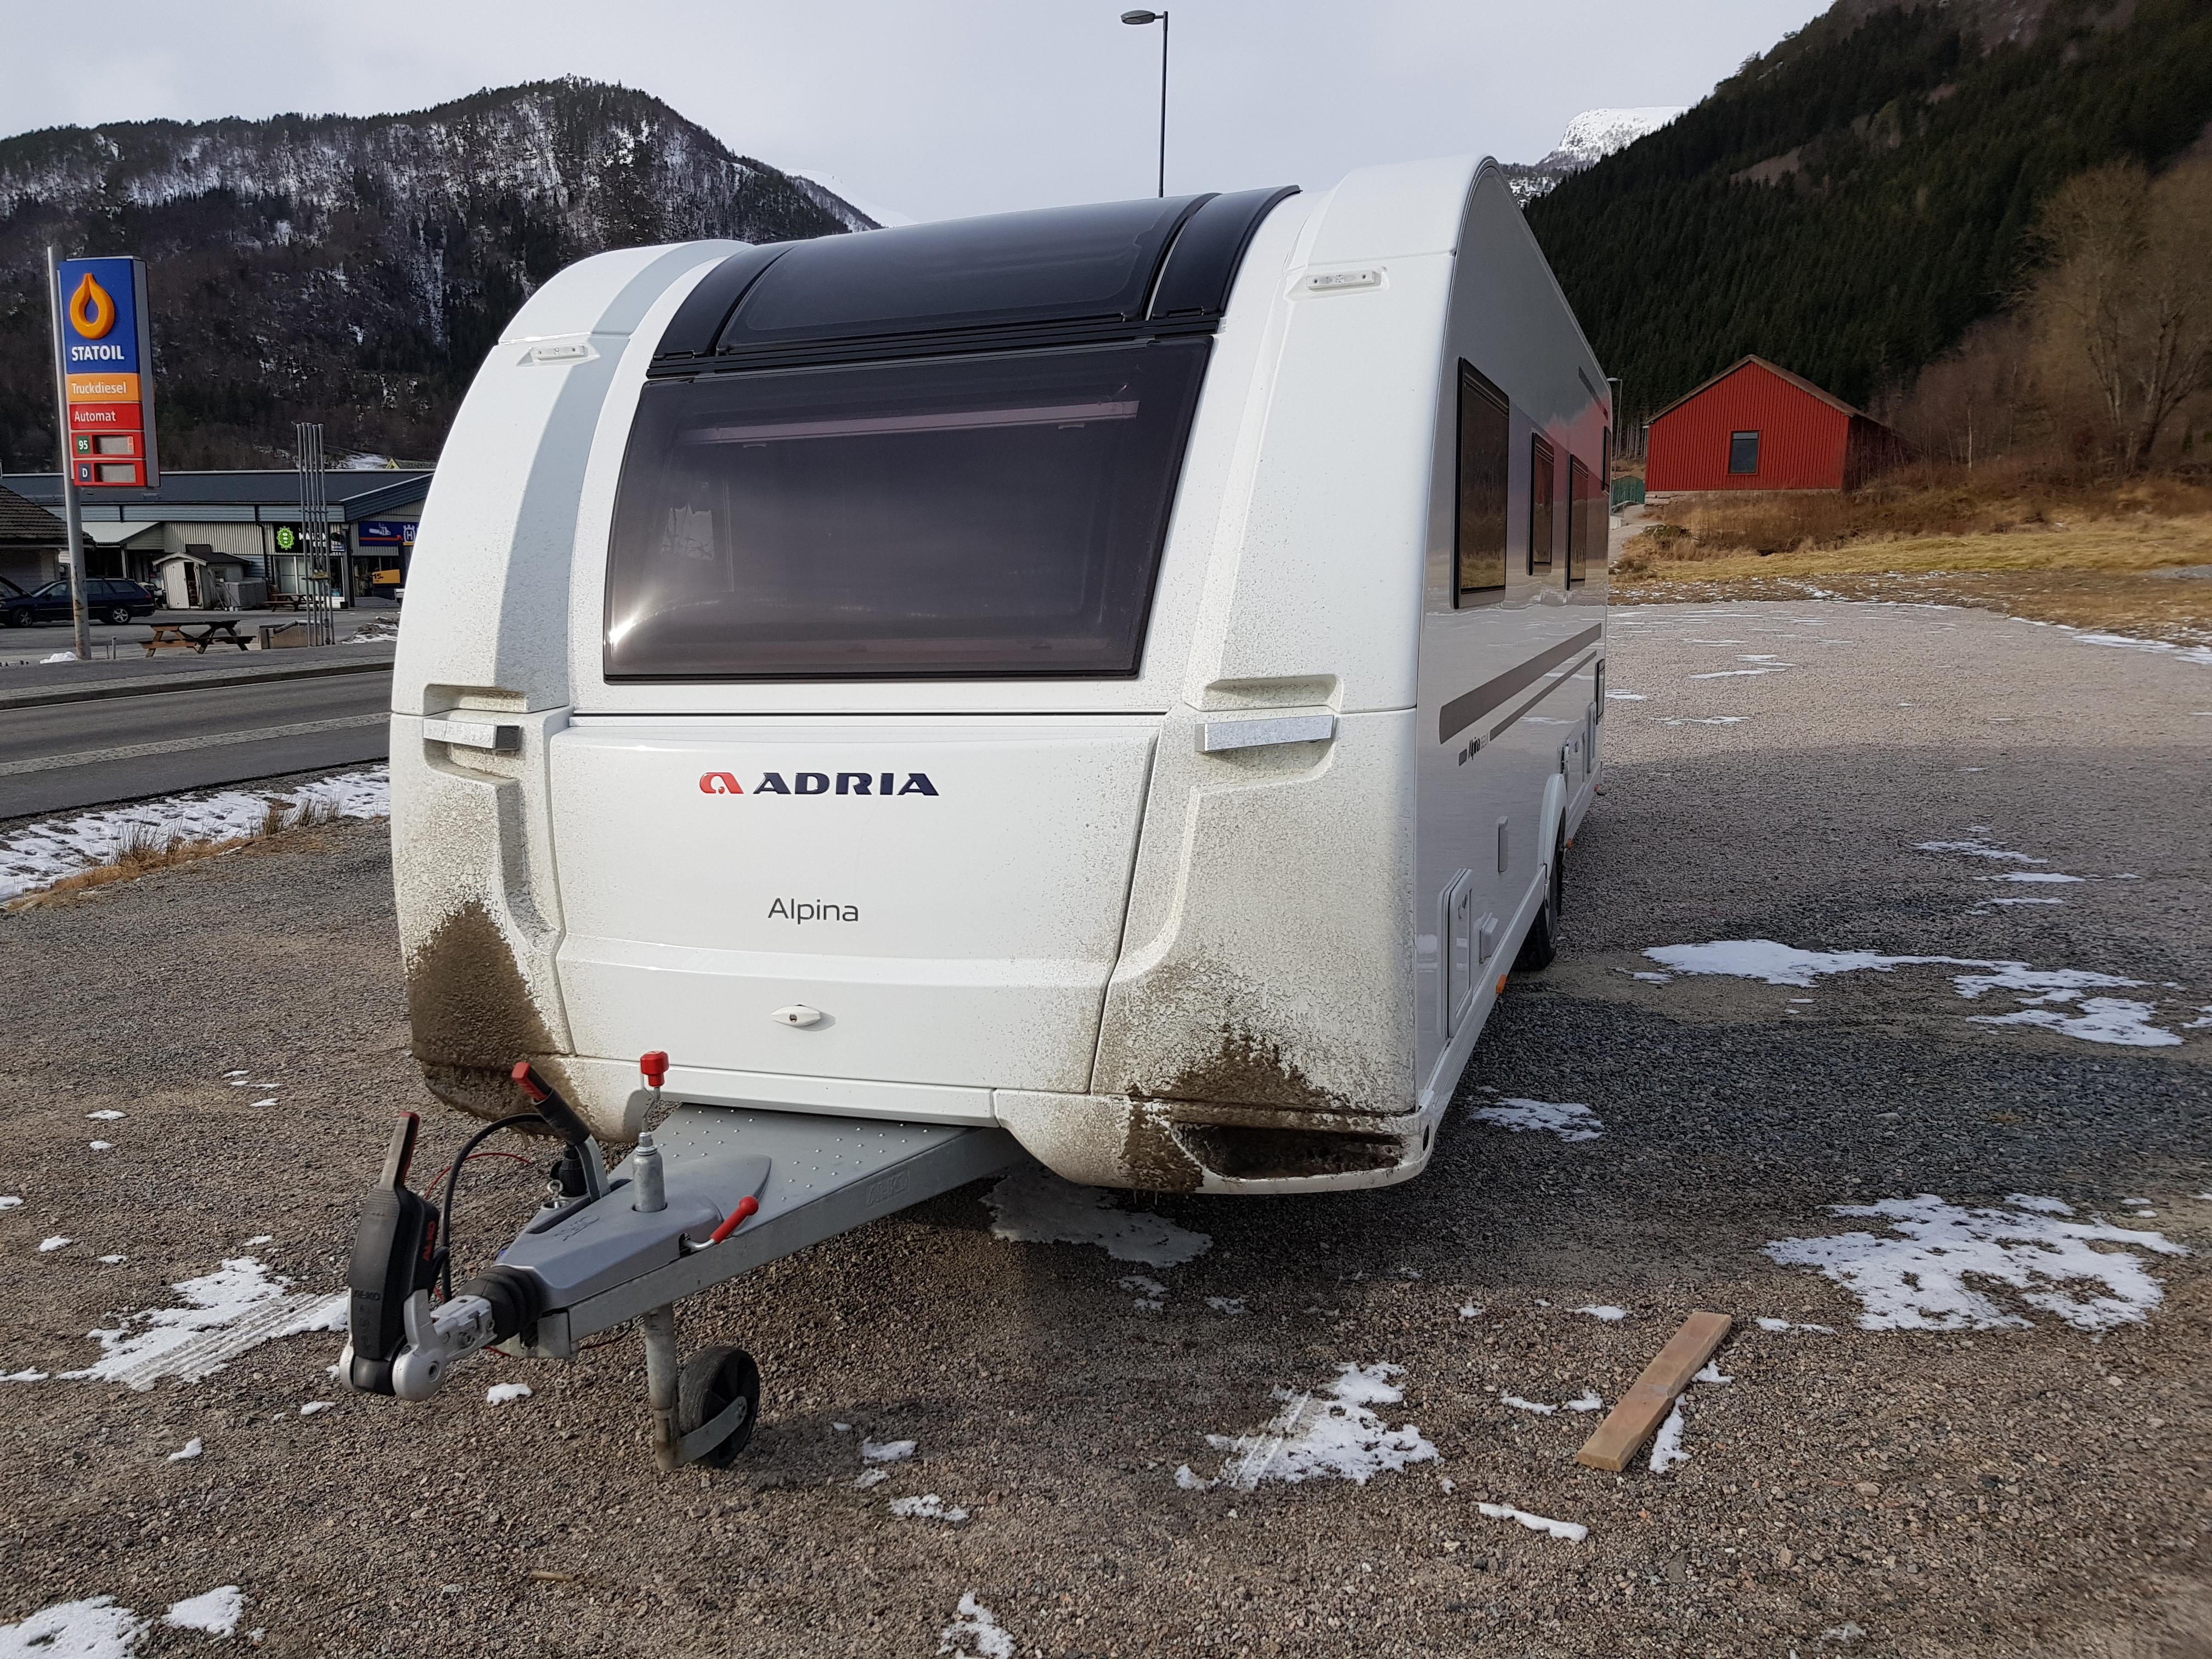 campingvogn hekte strøm